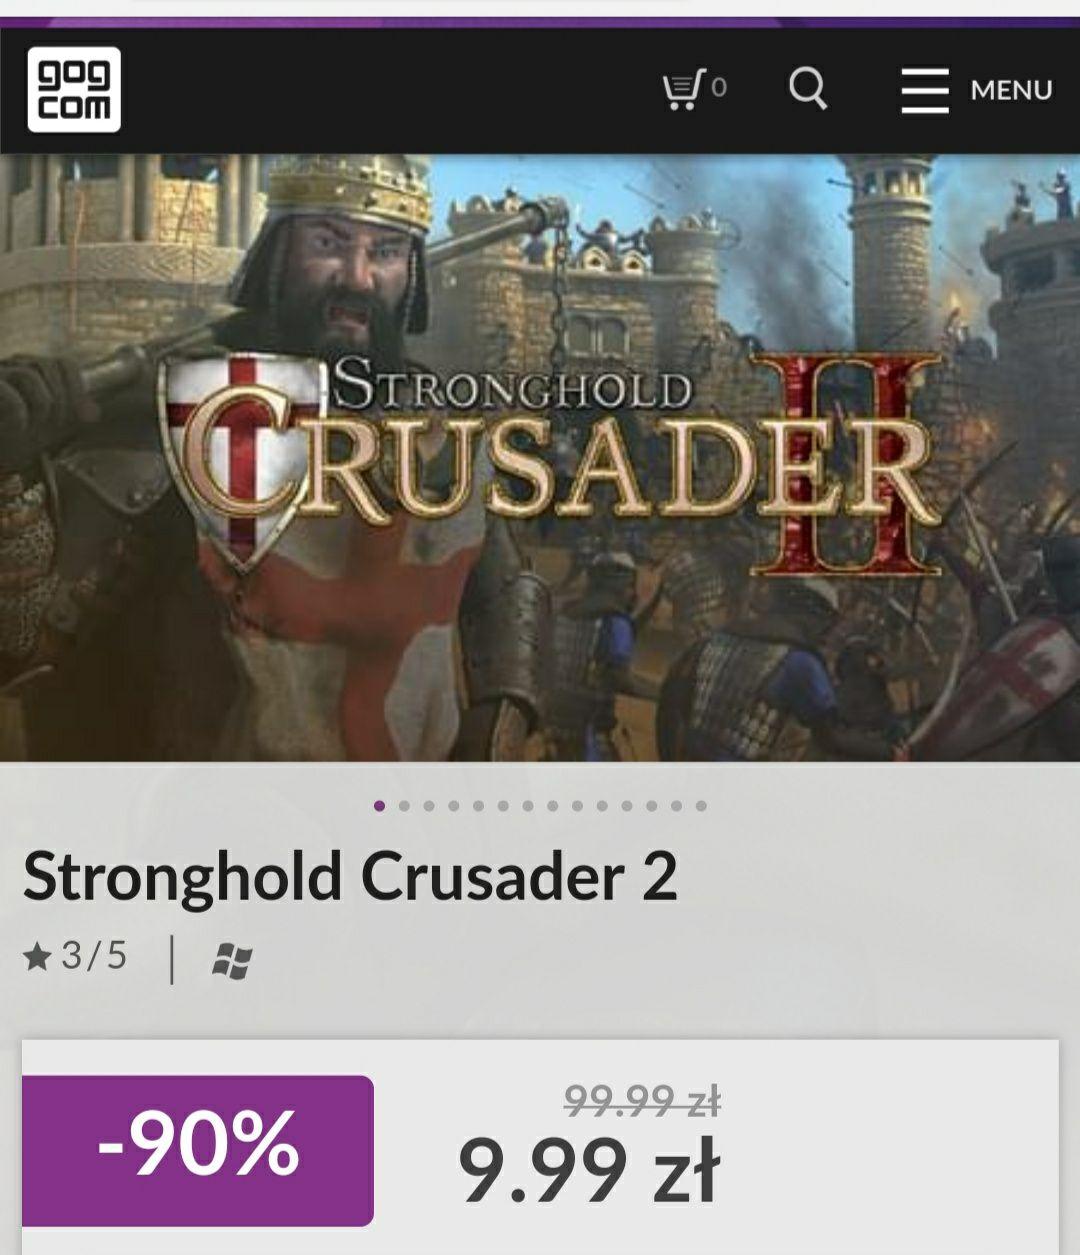 Wyprzedaż serii gier Stronghold HD na GOGu ! Od -50% do -90%